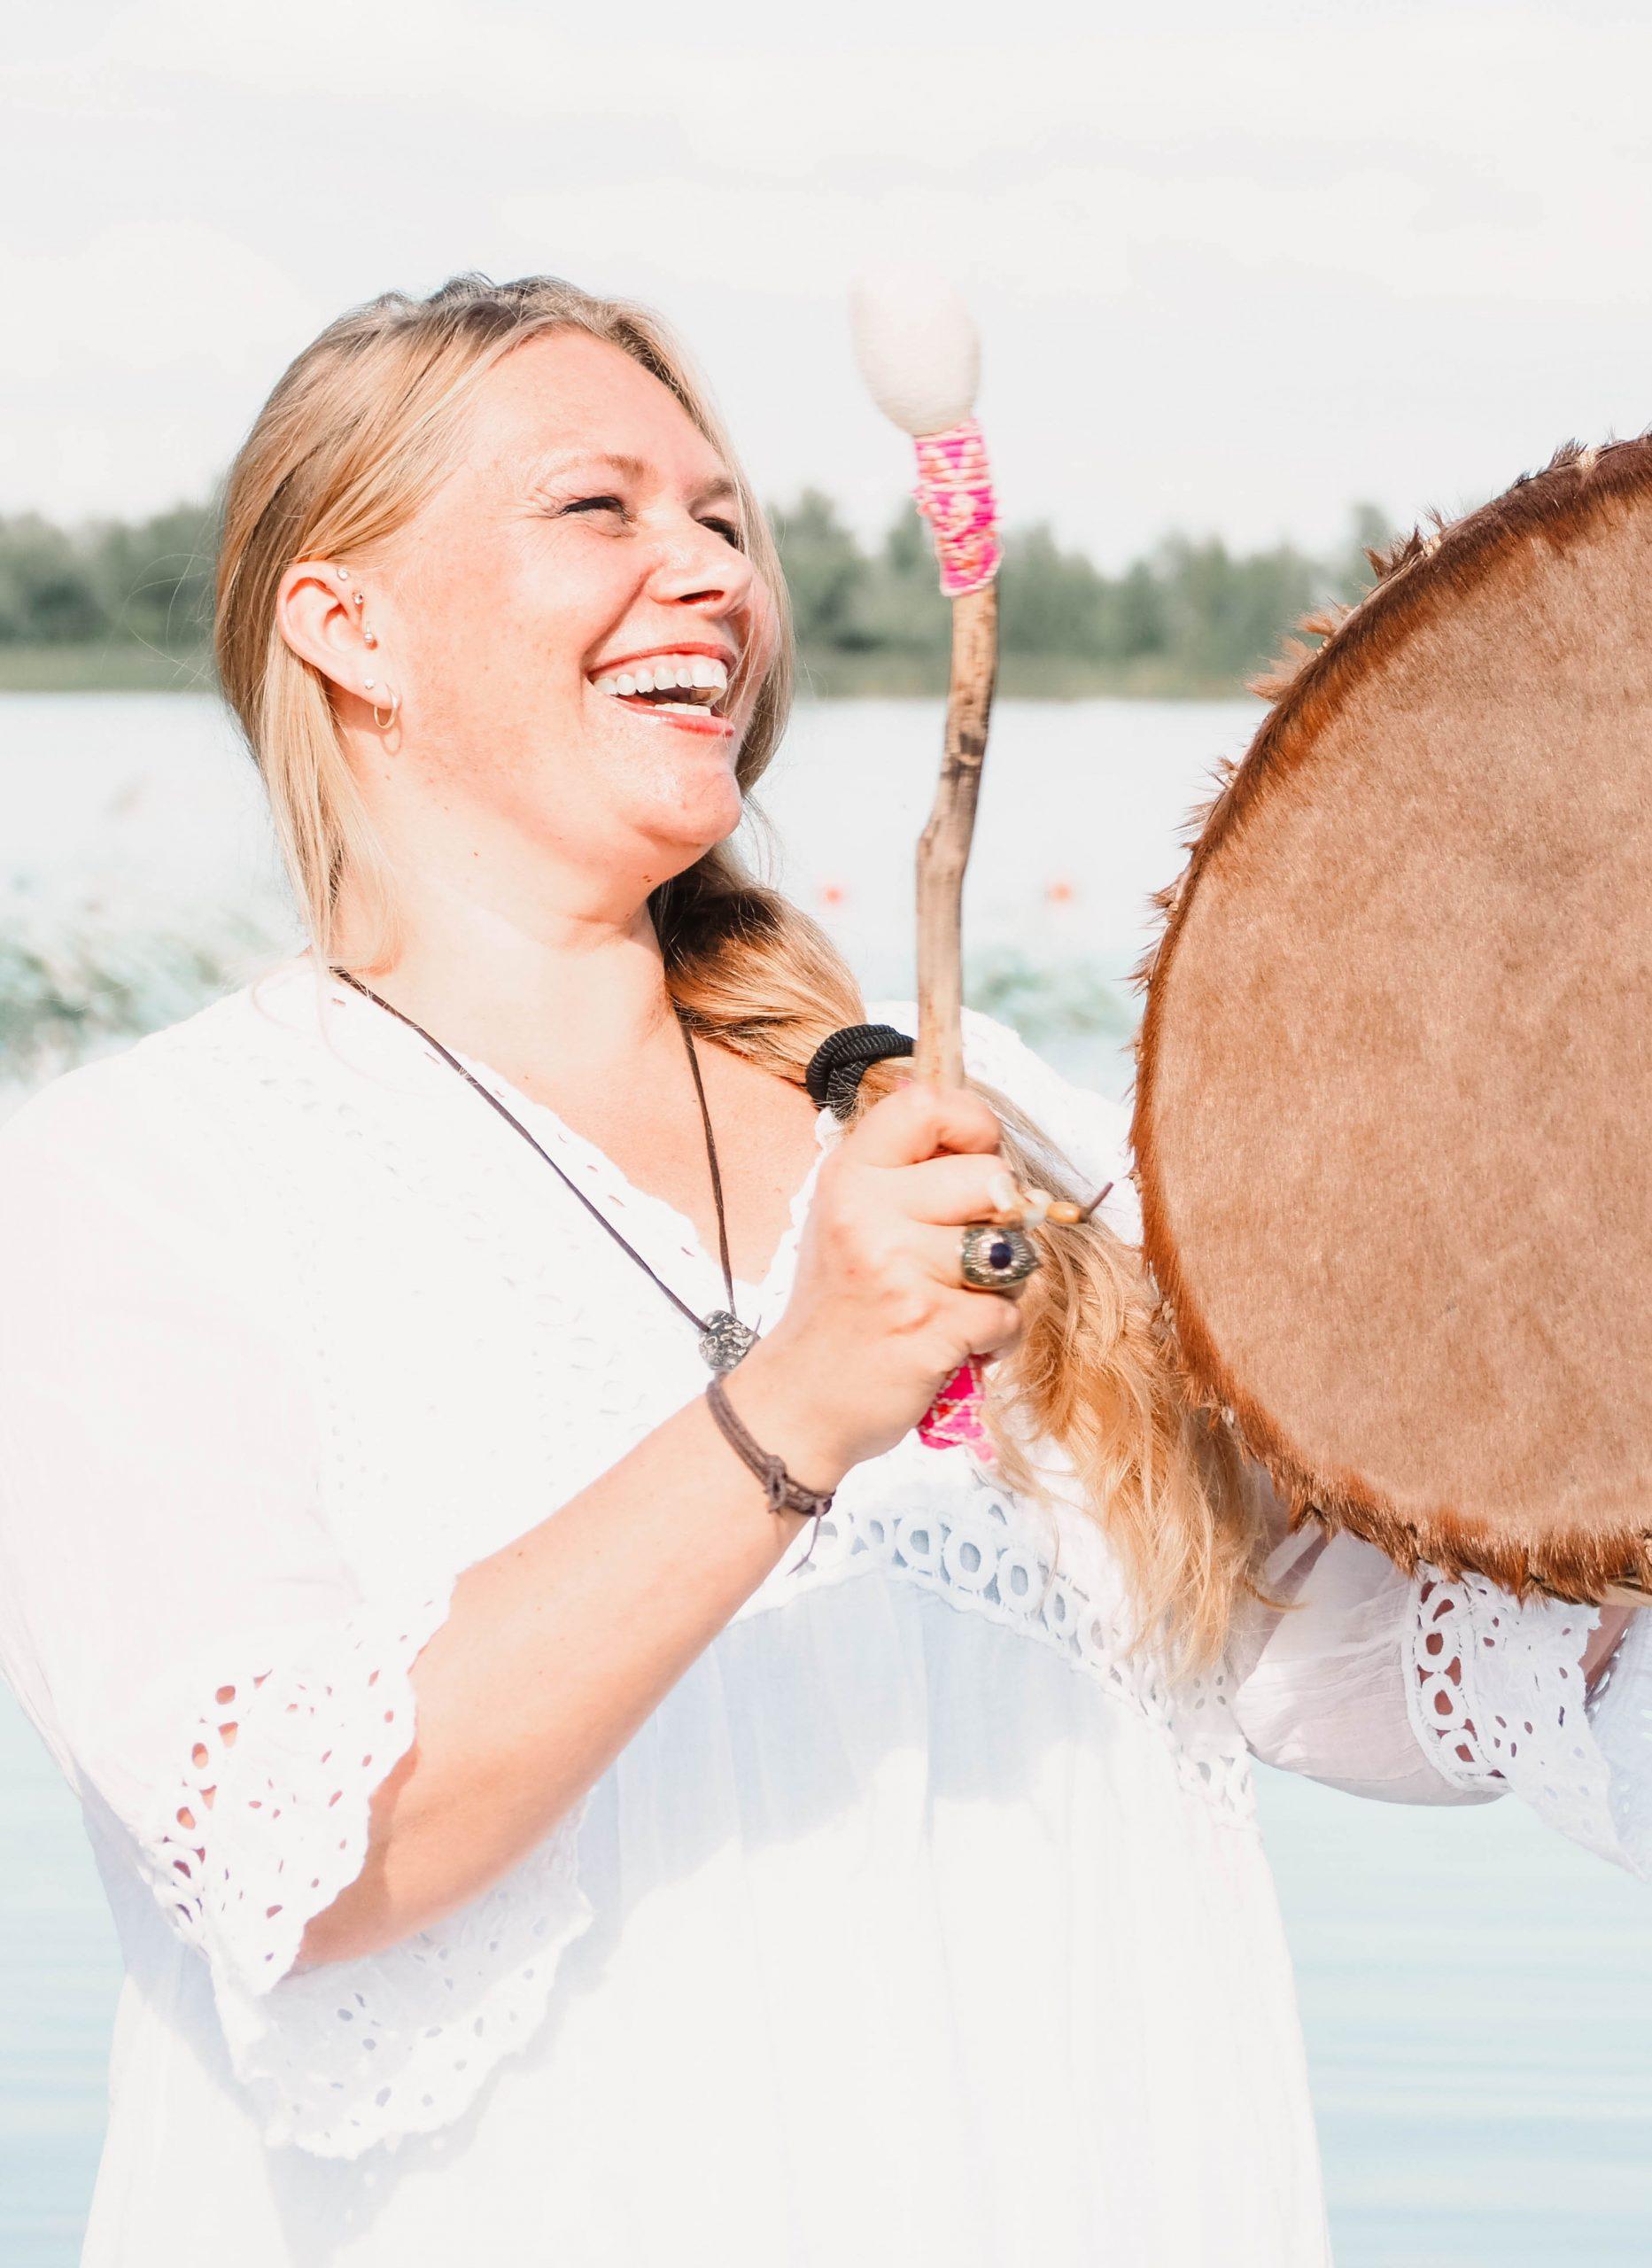 een glimlach met de sjamanistische drum